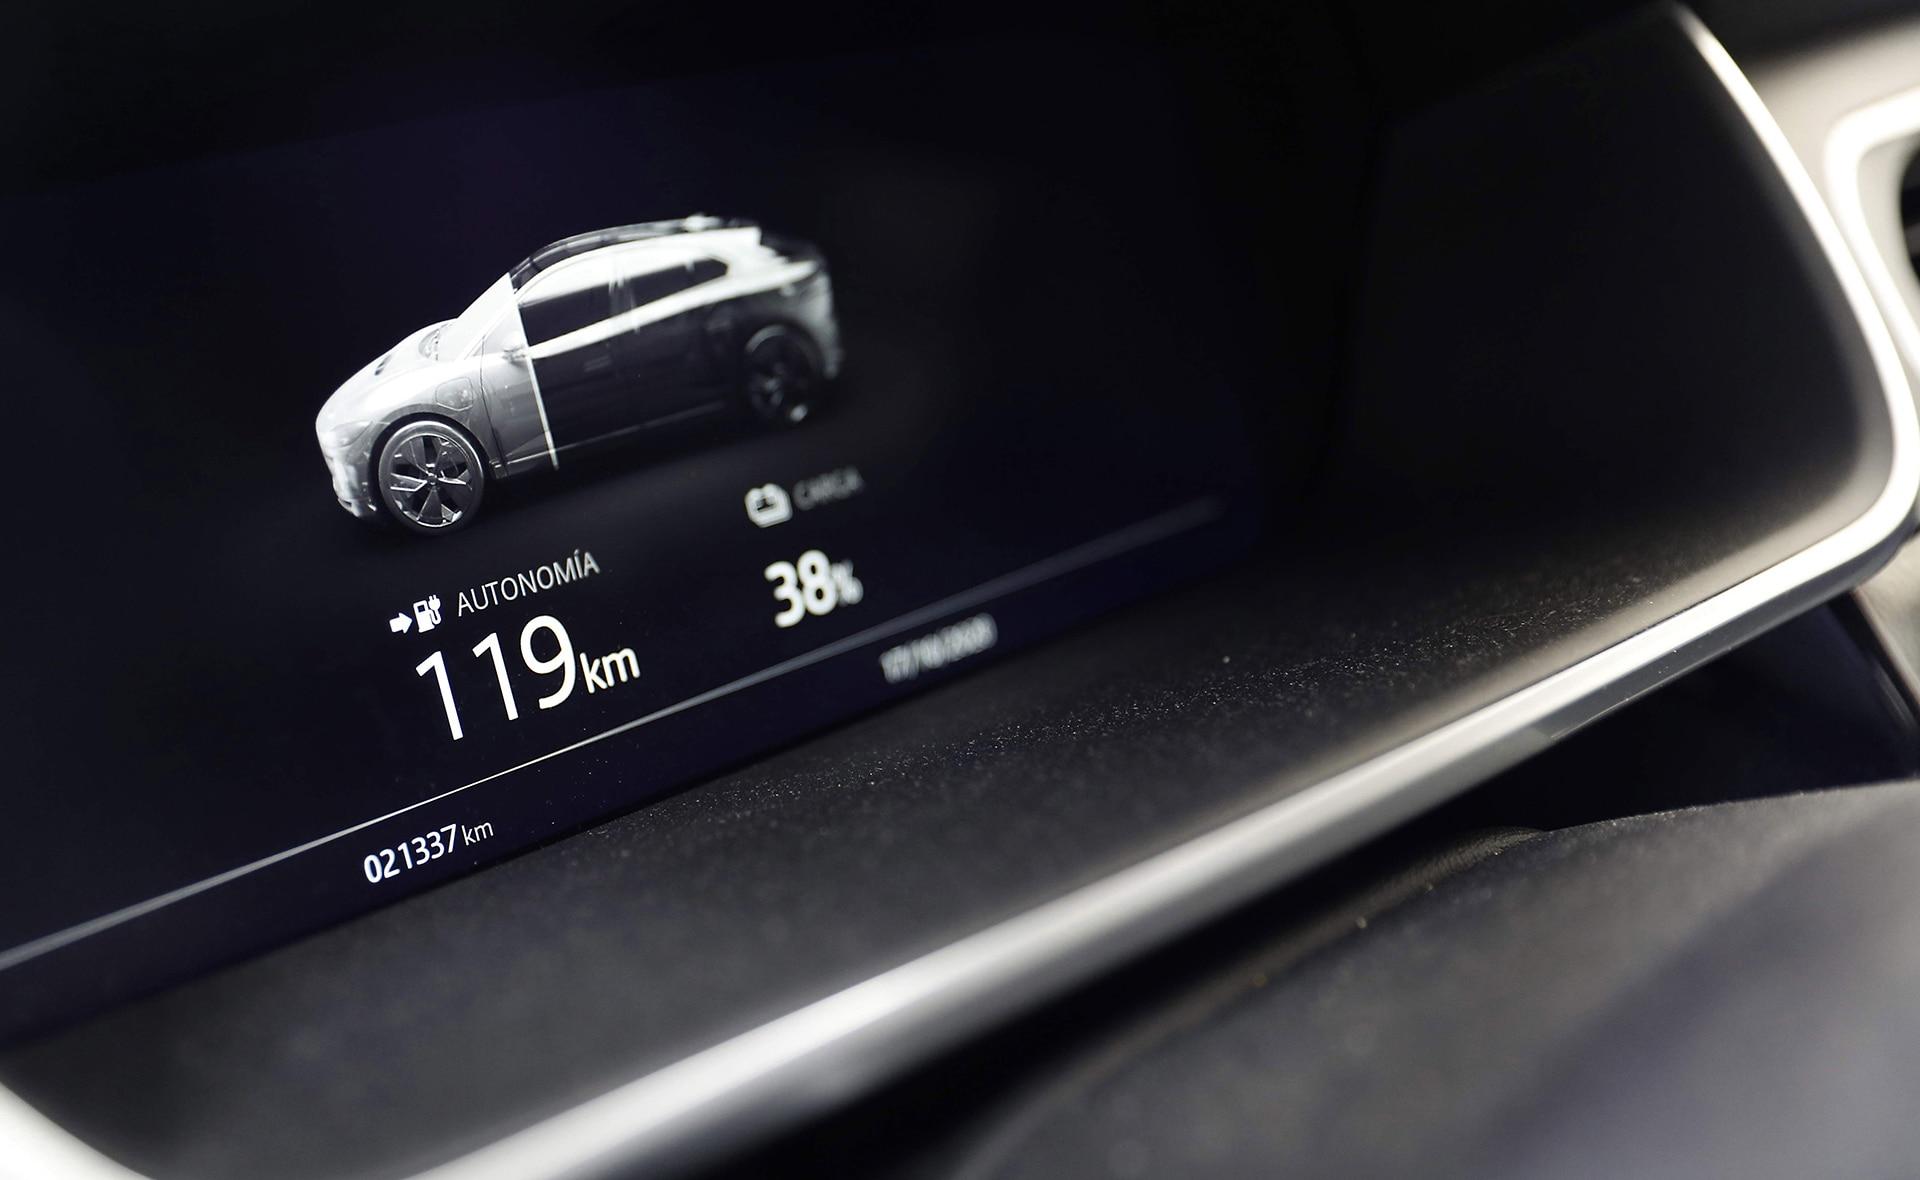 BBVA-autonomia-coche-electrico-transporte-sostenibilidad-medioambiente-recomedaciones